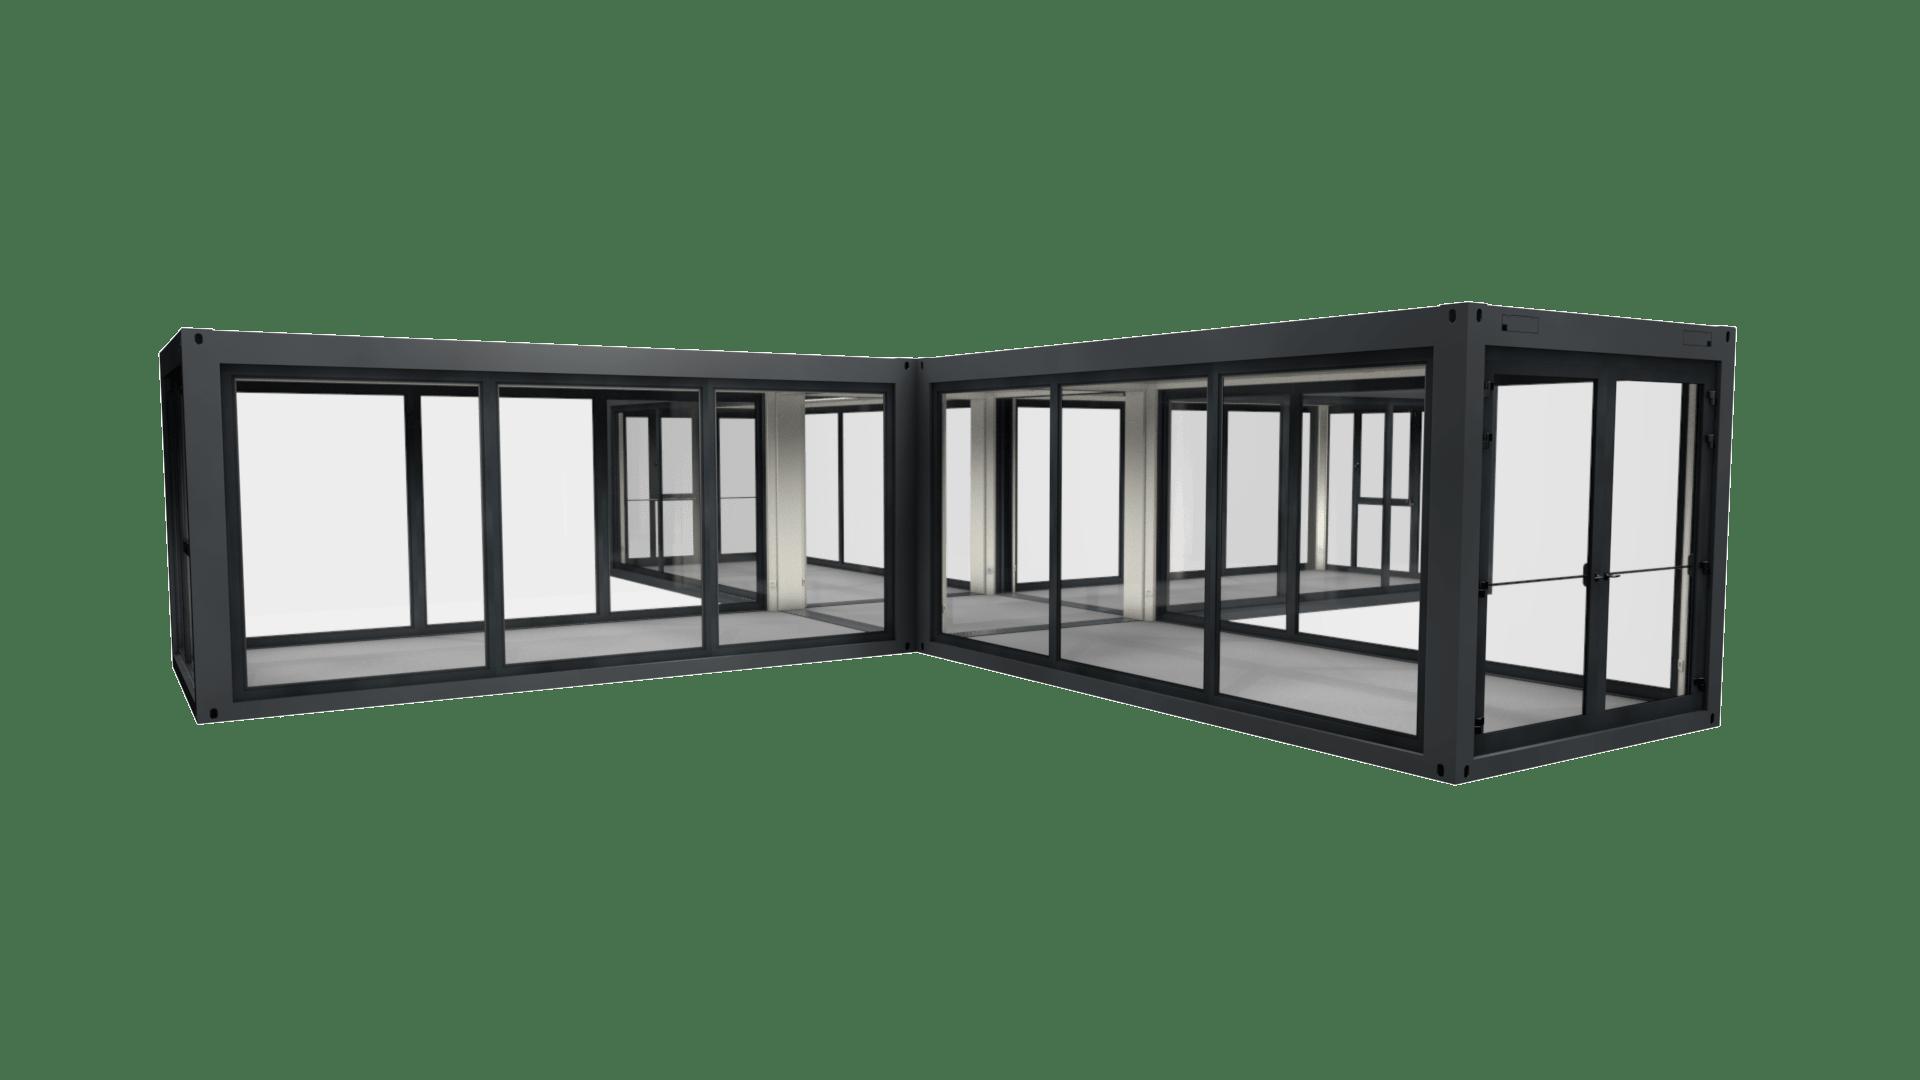 Container Modul M 40 ist vollverglast und hat ein besonderes Design